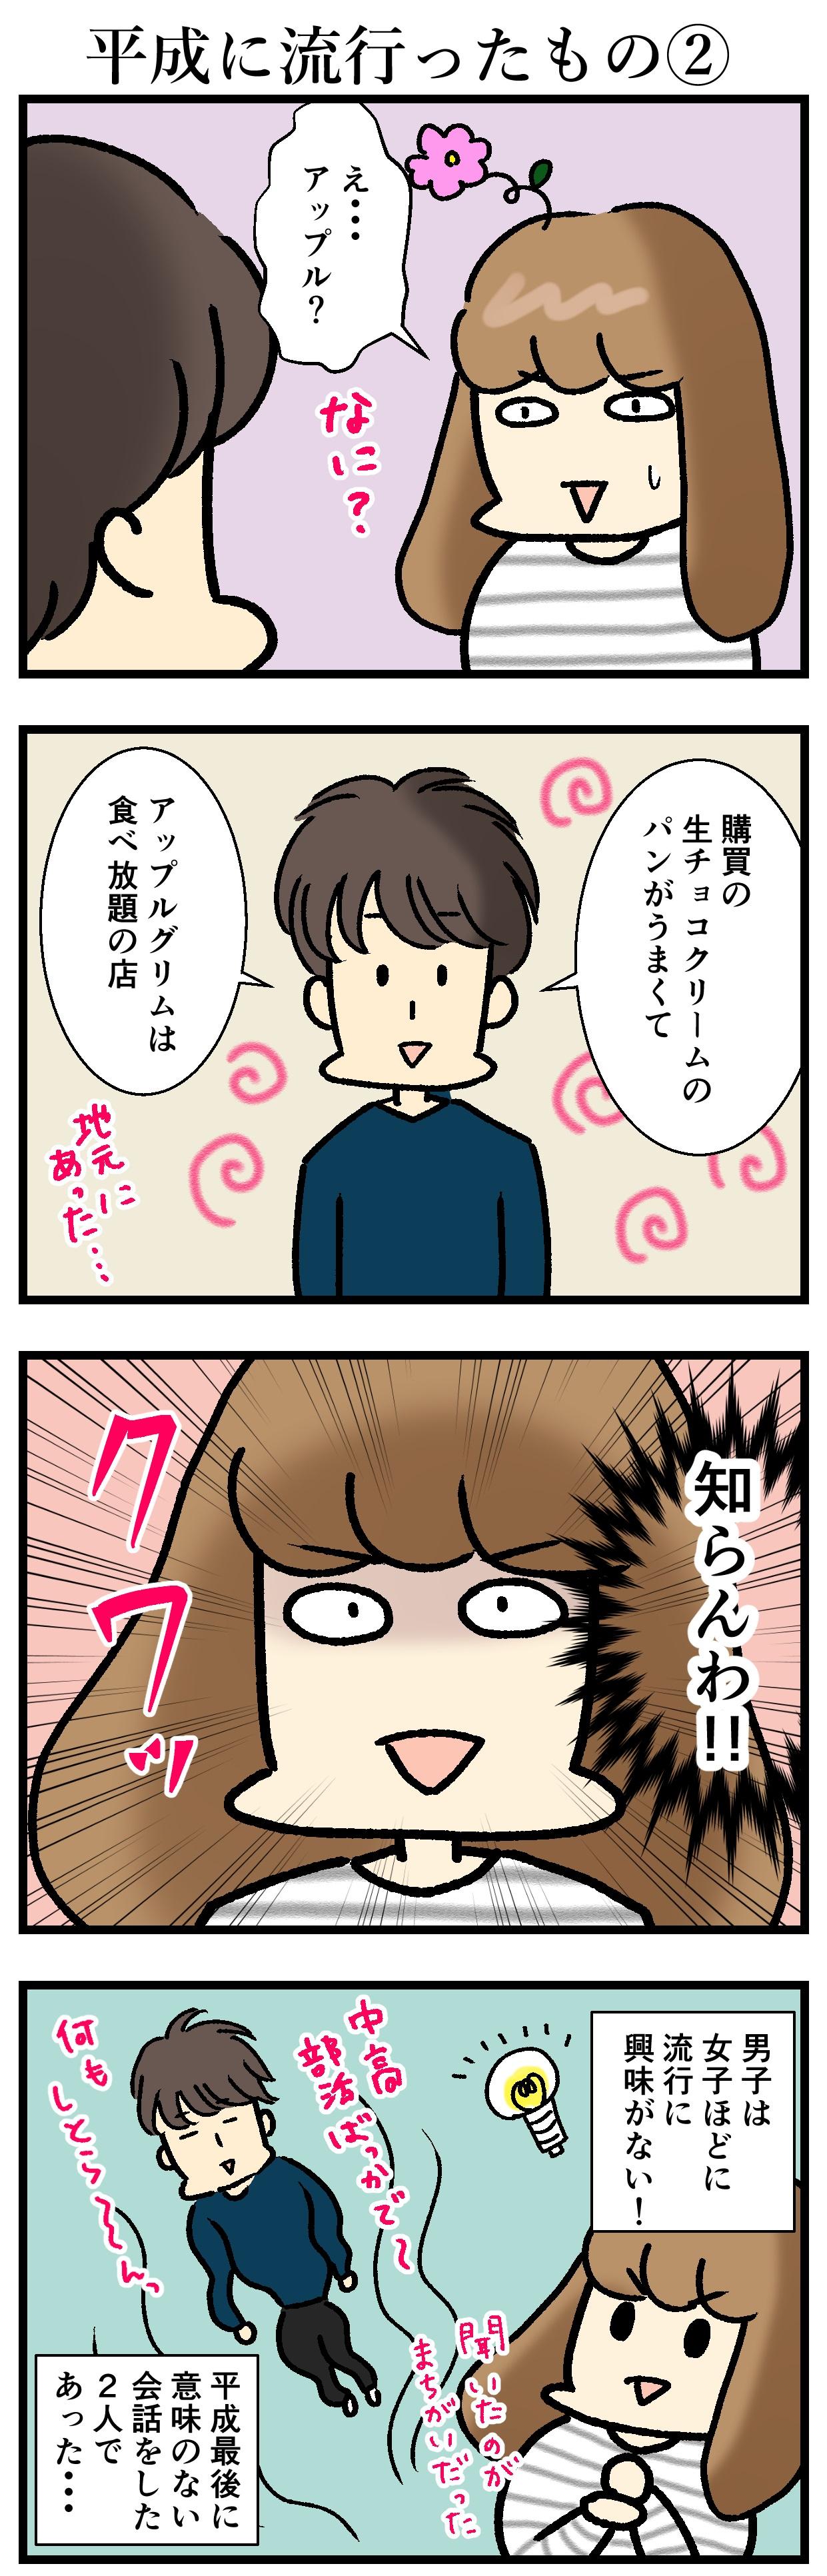 【エッセイ漫画】アラサー主婦くま子のふがいない日常(107)